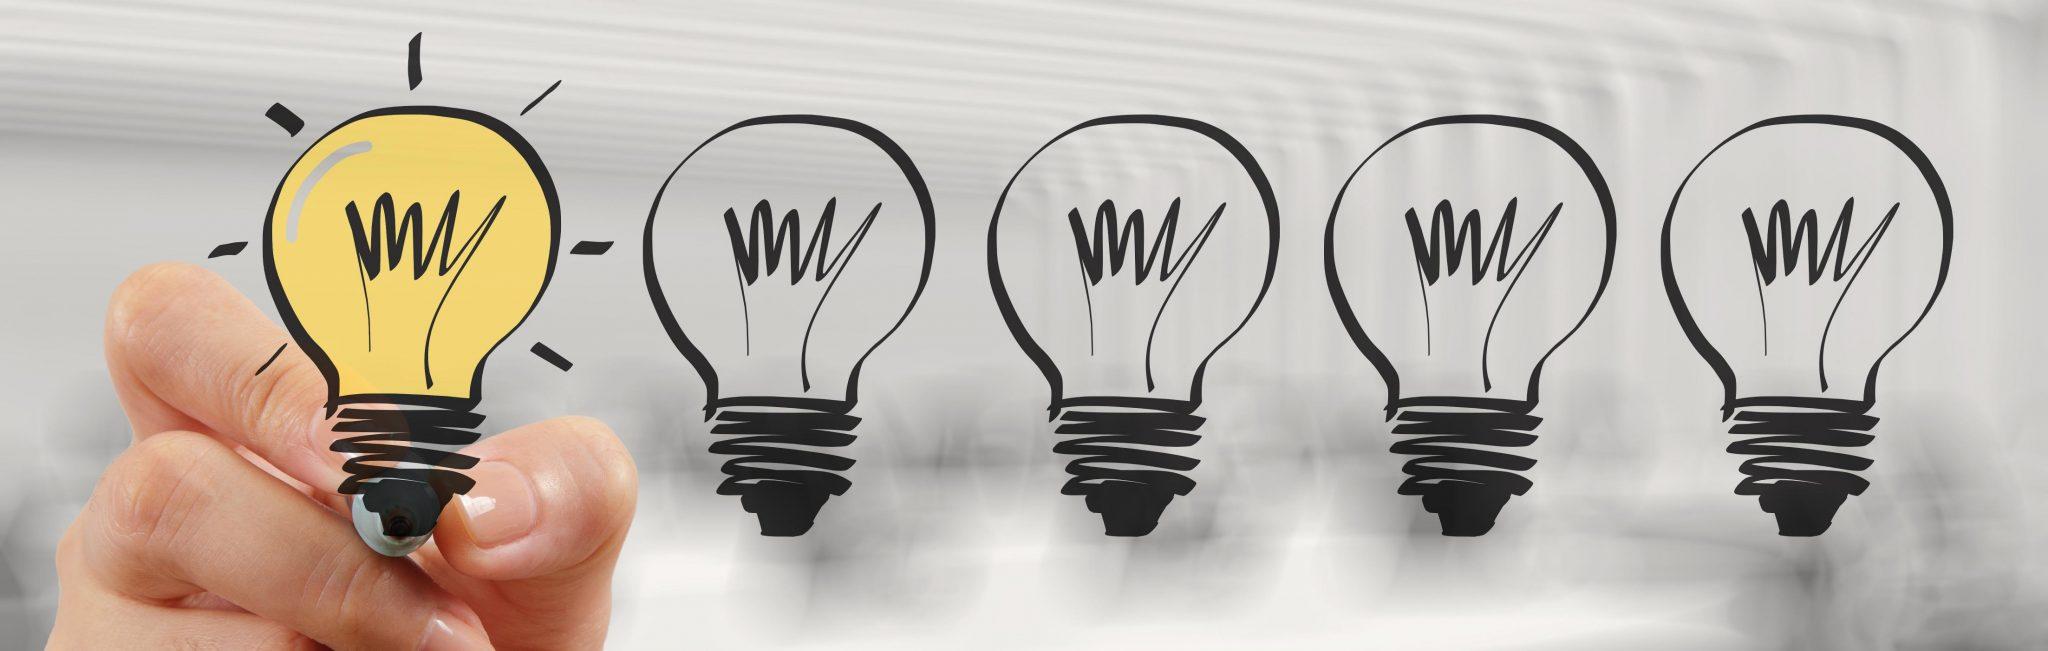 בניית אתר וורדפרס – מה זה וורדפרס?